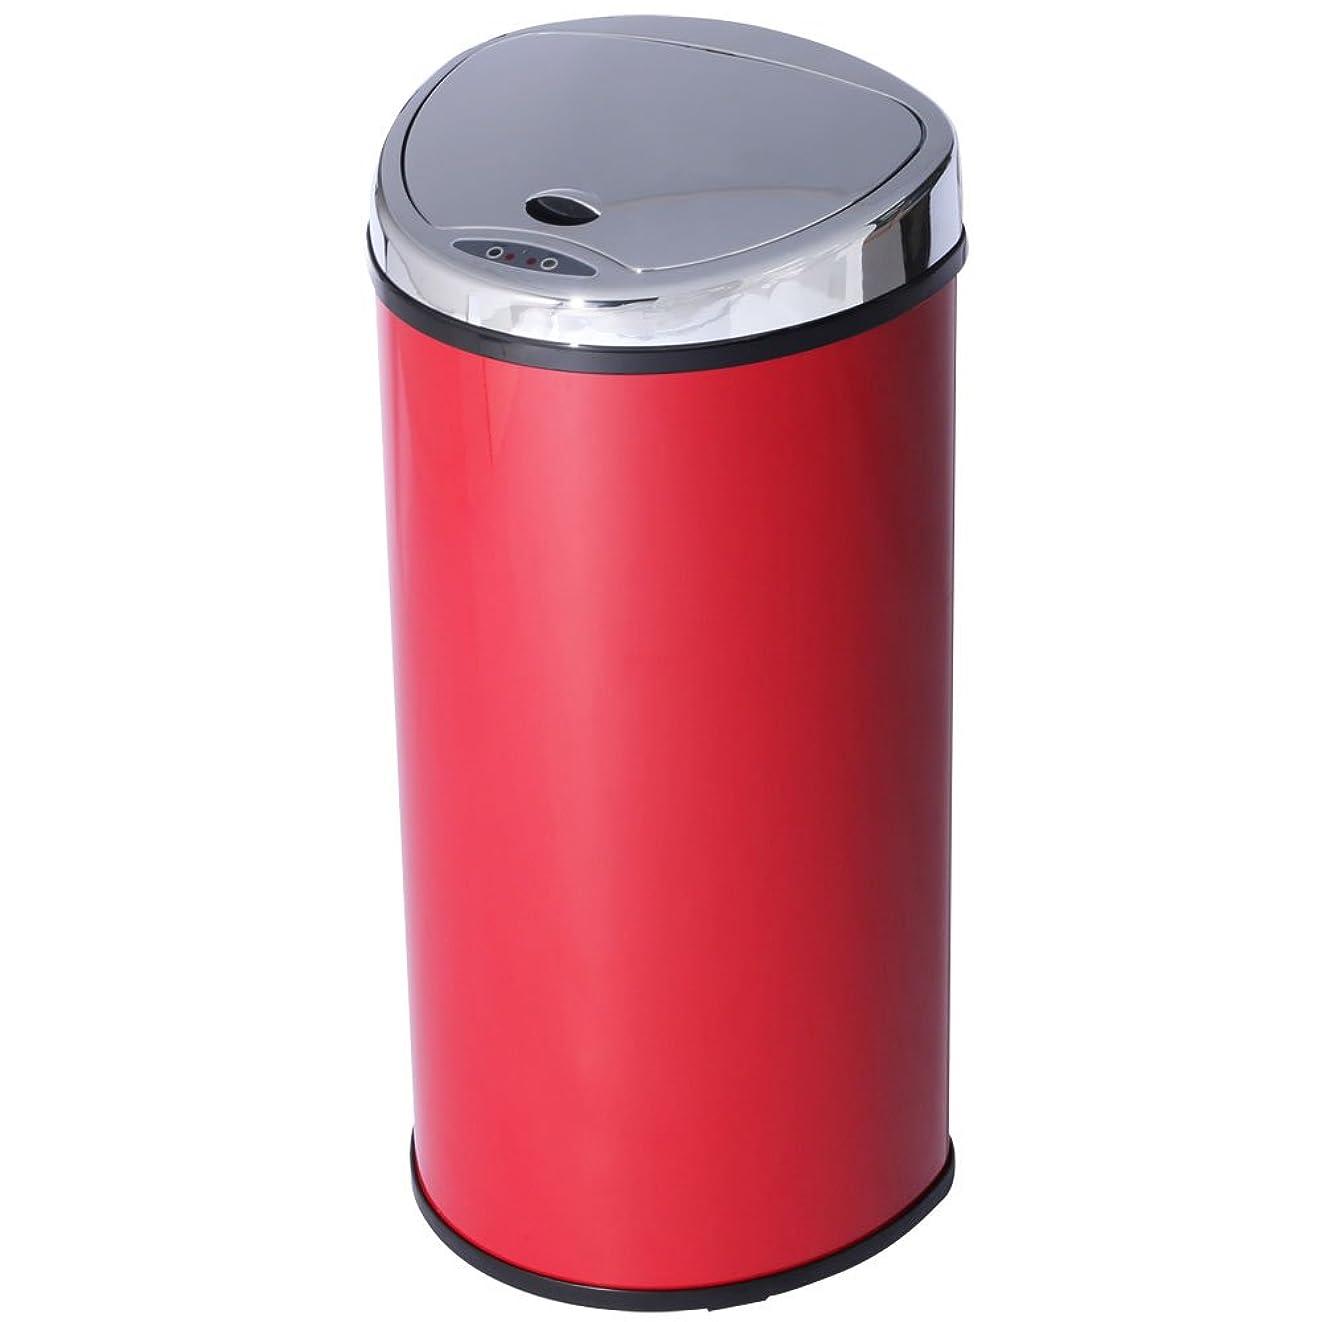 サスティーン人気の午後アイリスプラザ ゴミ箱 自動 開閉 センサー付 68L レッド -